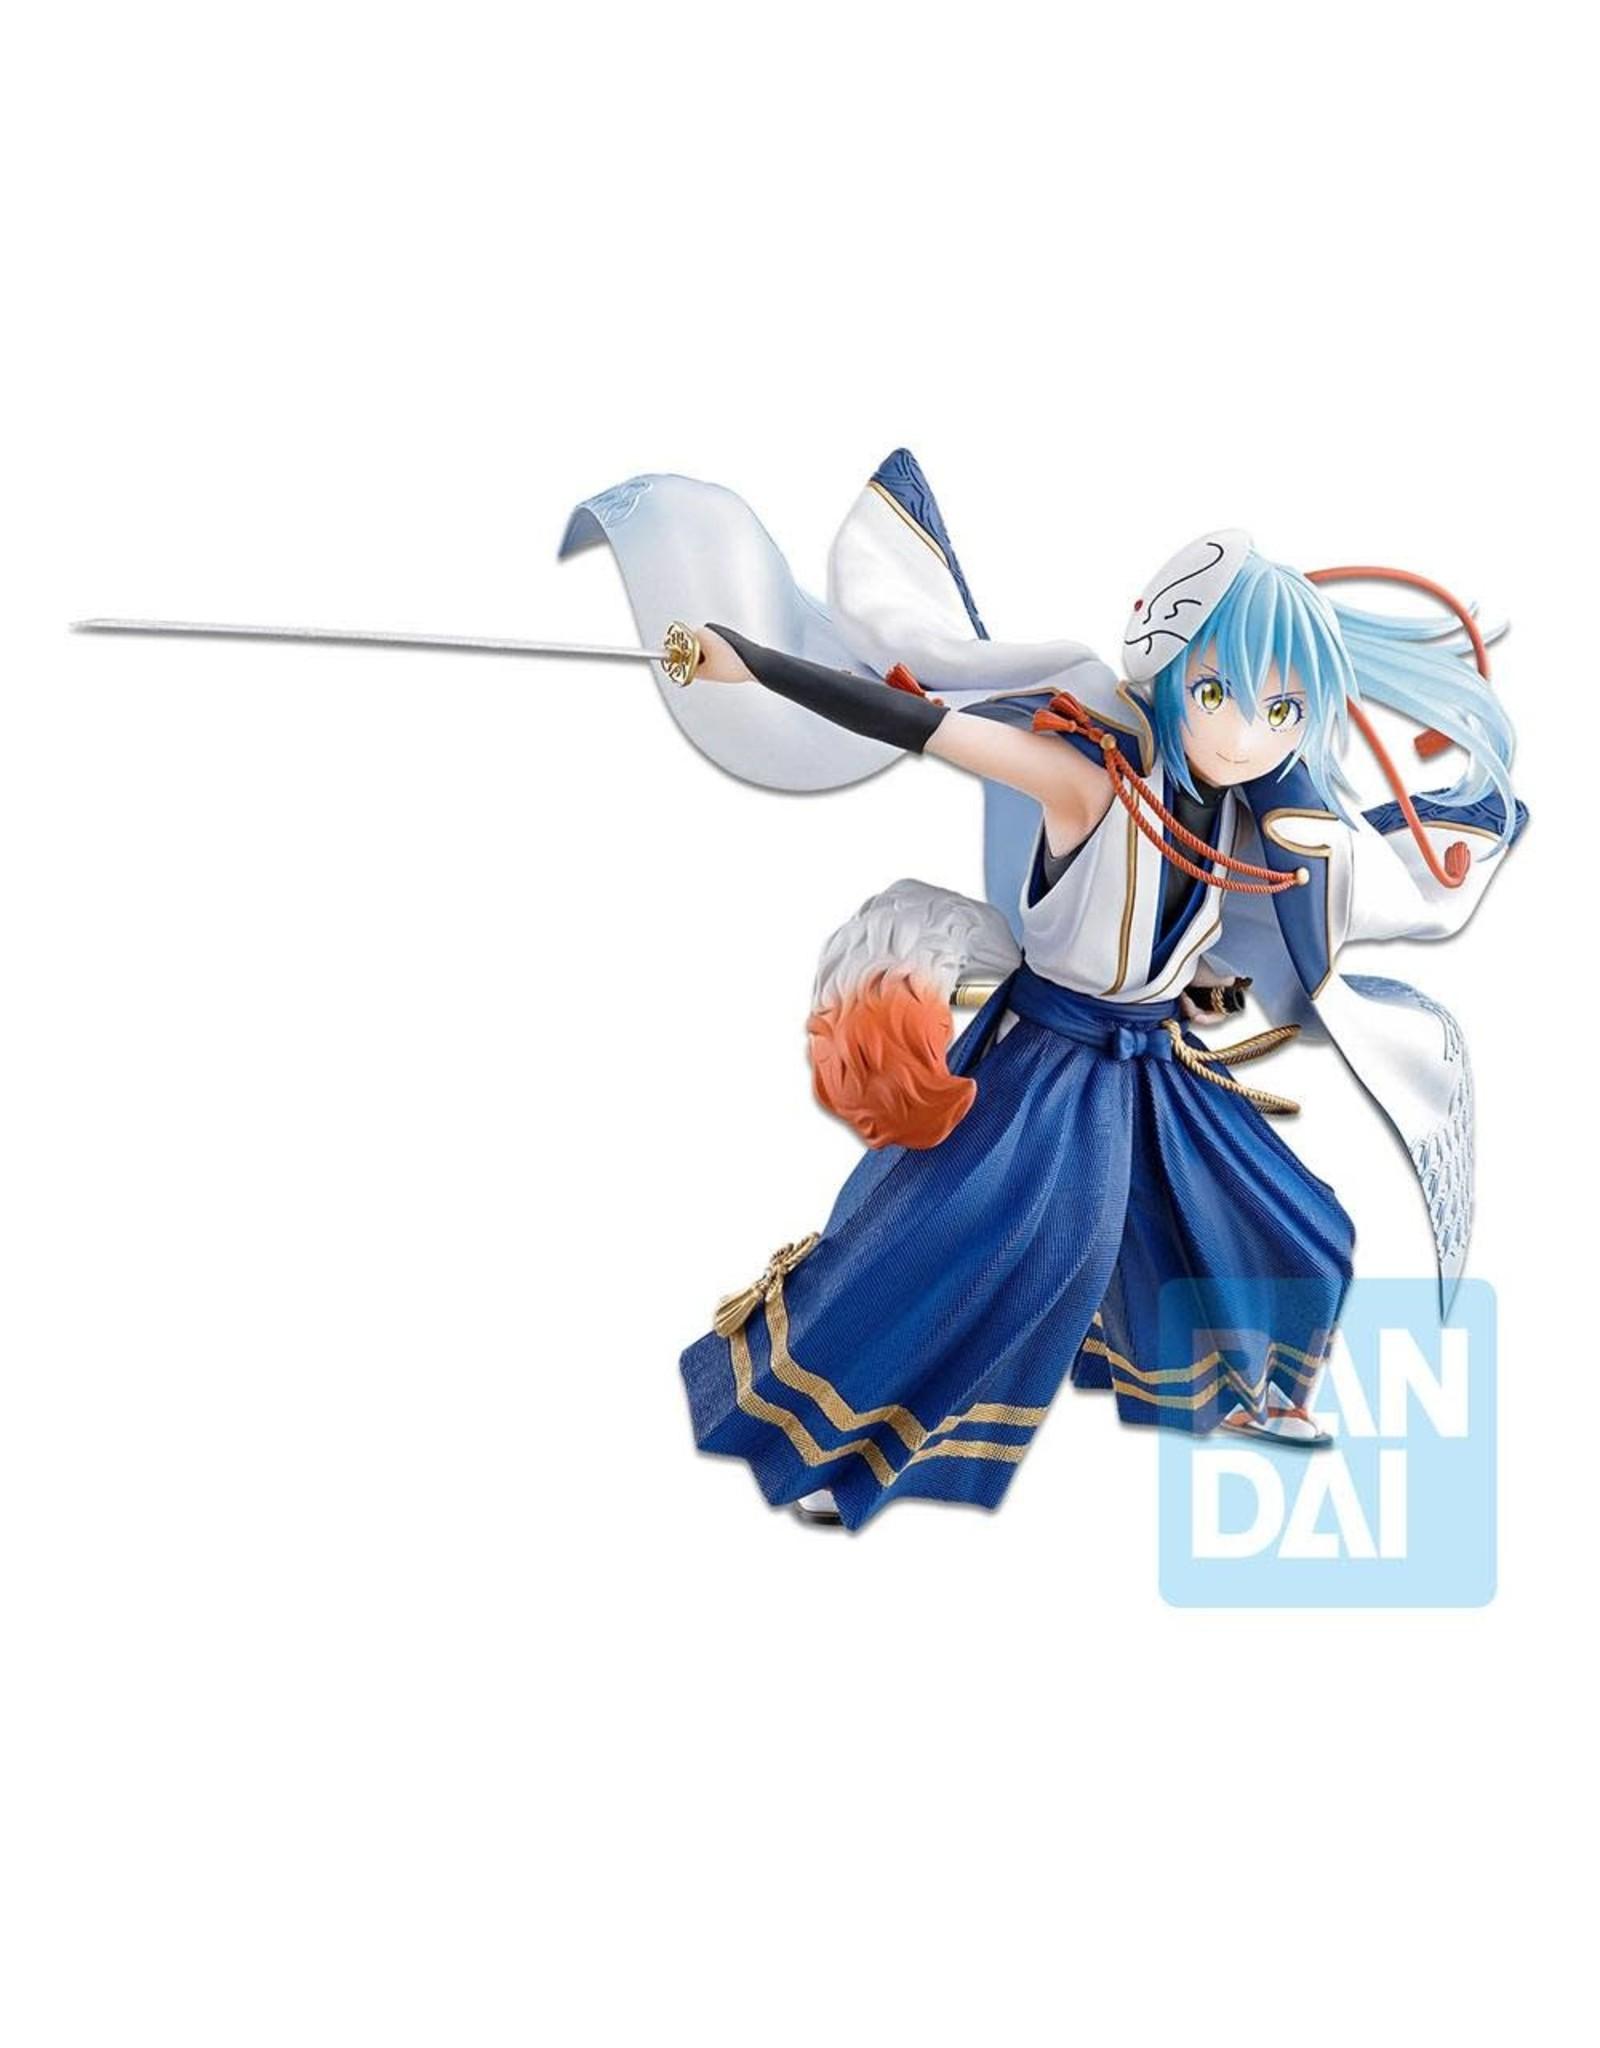 That Time I Got Reincarnated as a Slime - Rimuru Kimono Version - Ichibansho PVC Statue - 14 cm